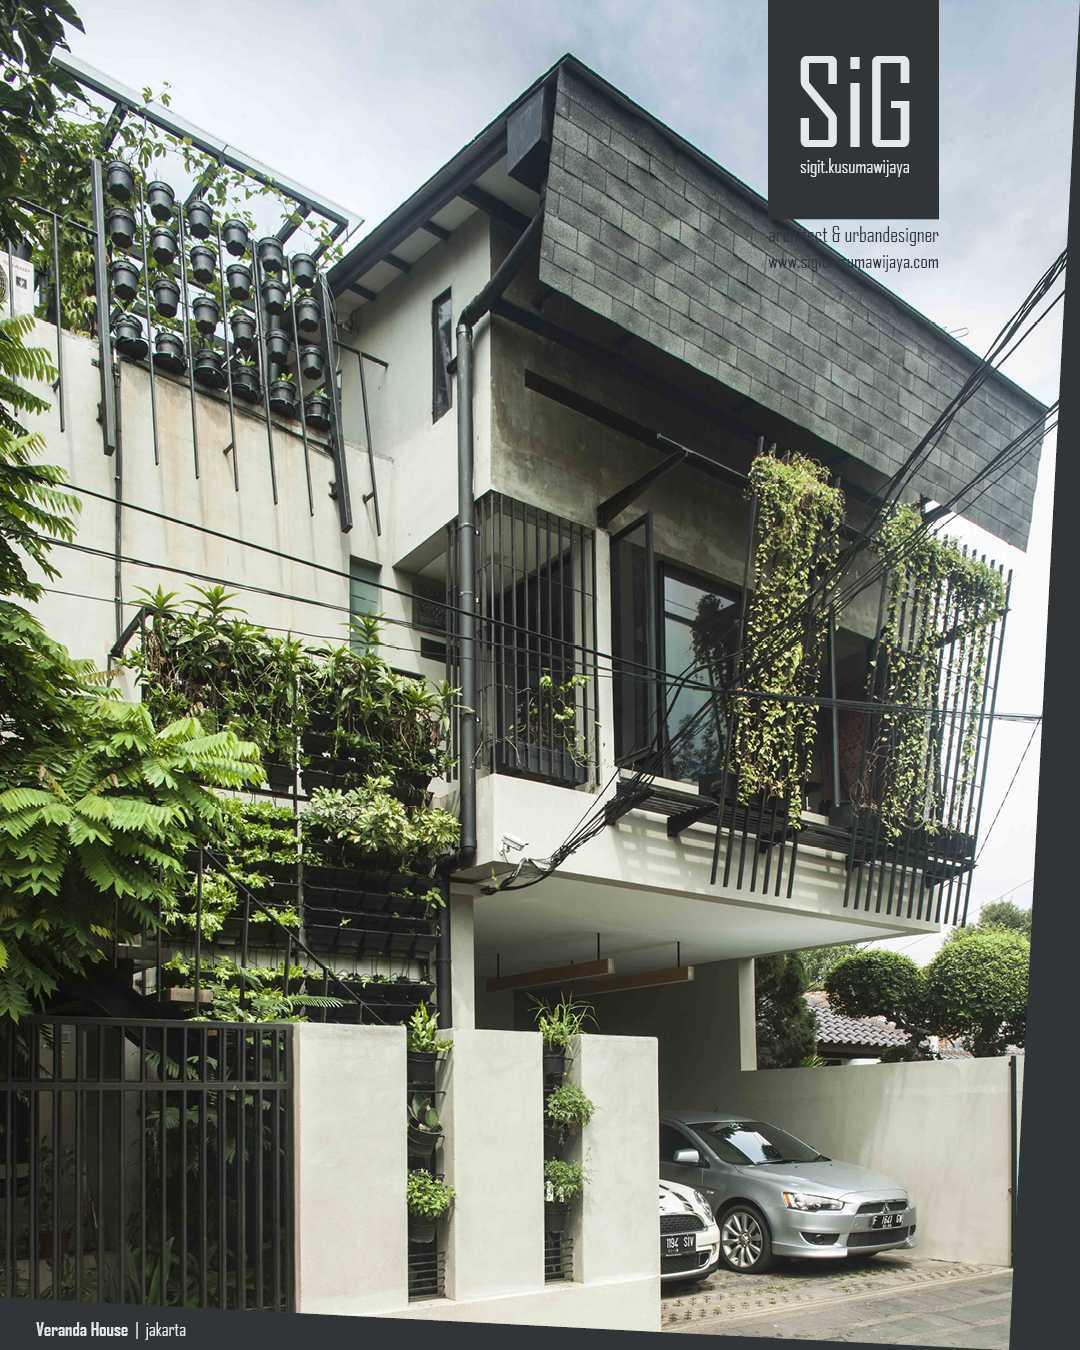 Foto inspirasi ide desain exterior industrial Sigitkusumawijaya-architect-urbandesigner-rumah-beranda-green-boarding-house oleh sigit.kusumawijaya | architect & urbandesigner di Arsitag